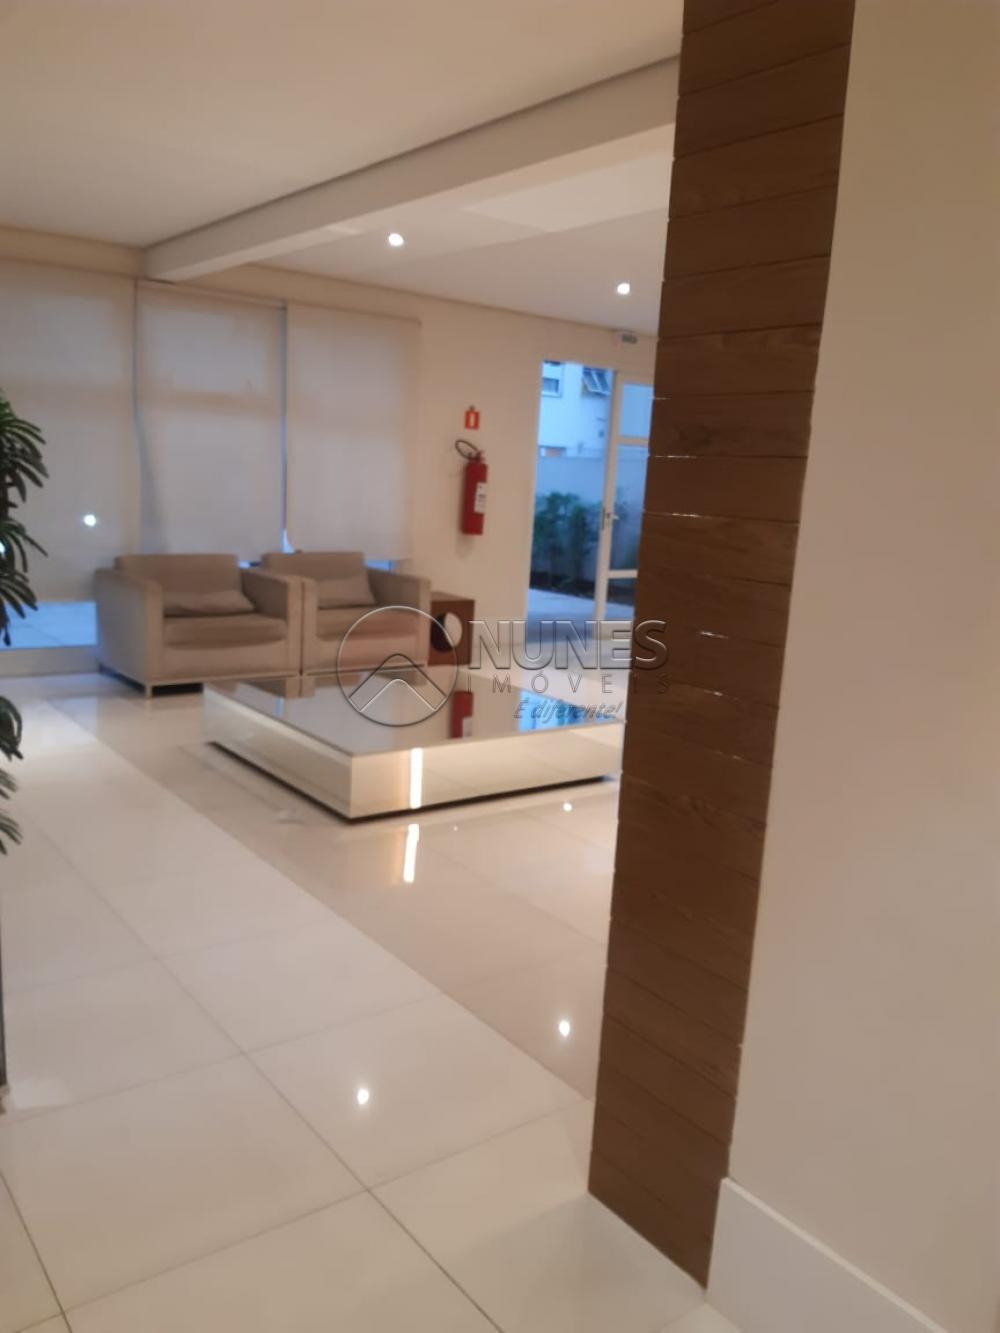 Comprar Apartamento / Padrão em Barueri apenas R$ 530.000,00 - Foto 27